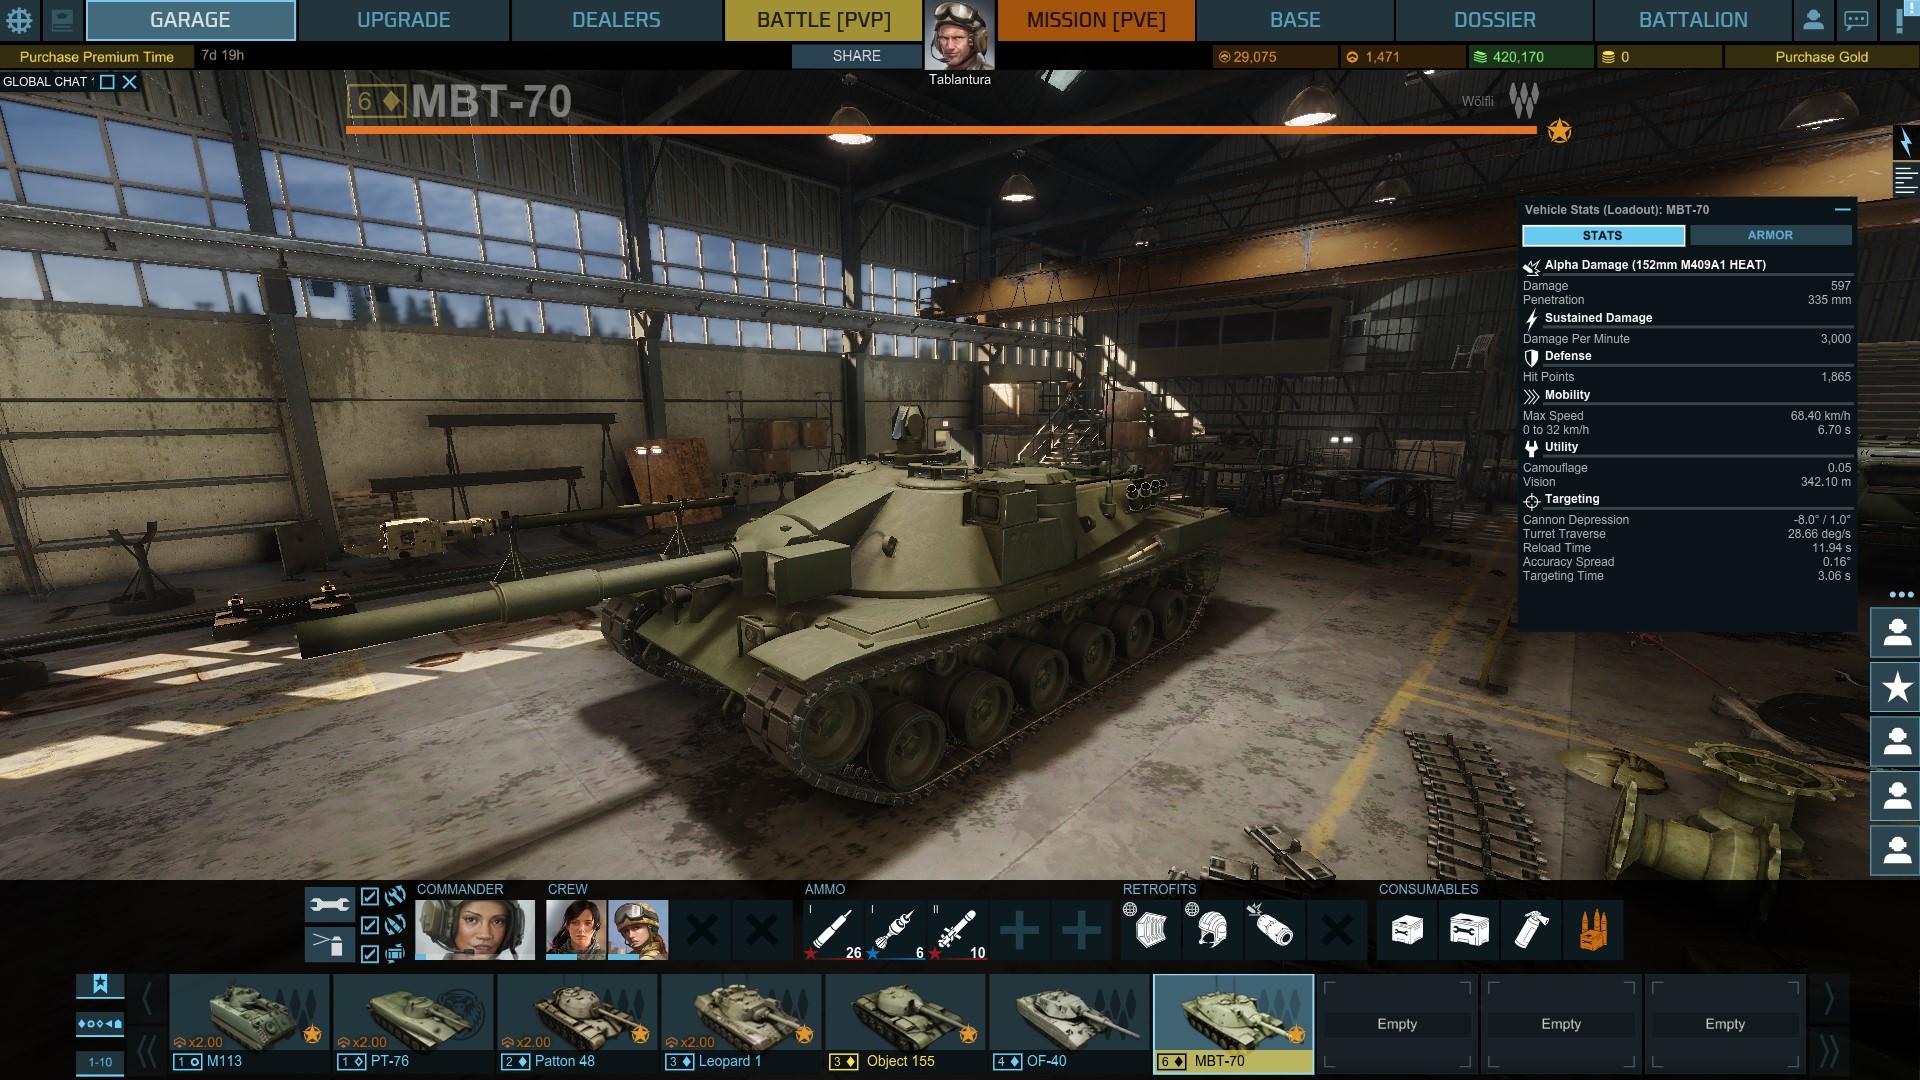 [아머드 워페어] 술 기운에 질렀다. MBT-70